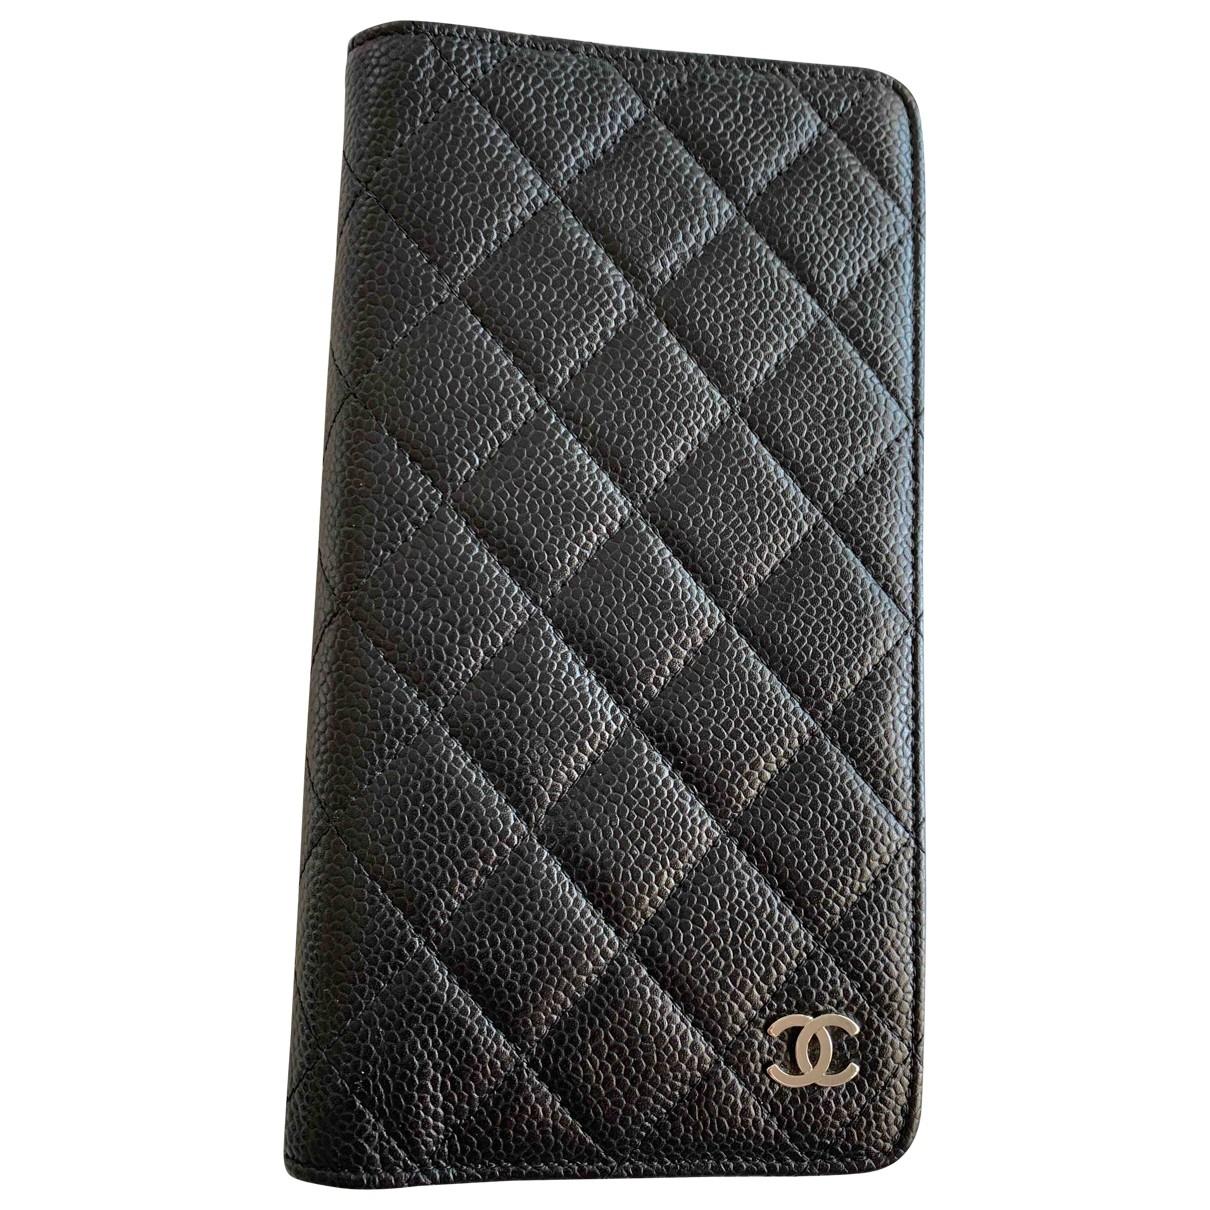 Objeto de decoracion de Cuero Chanel